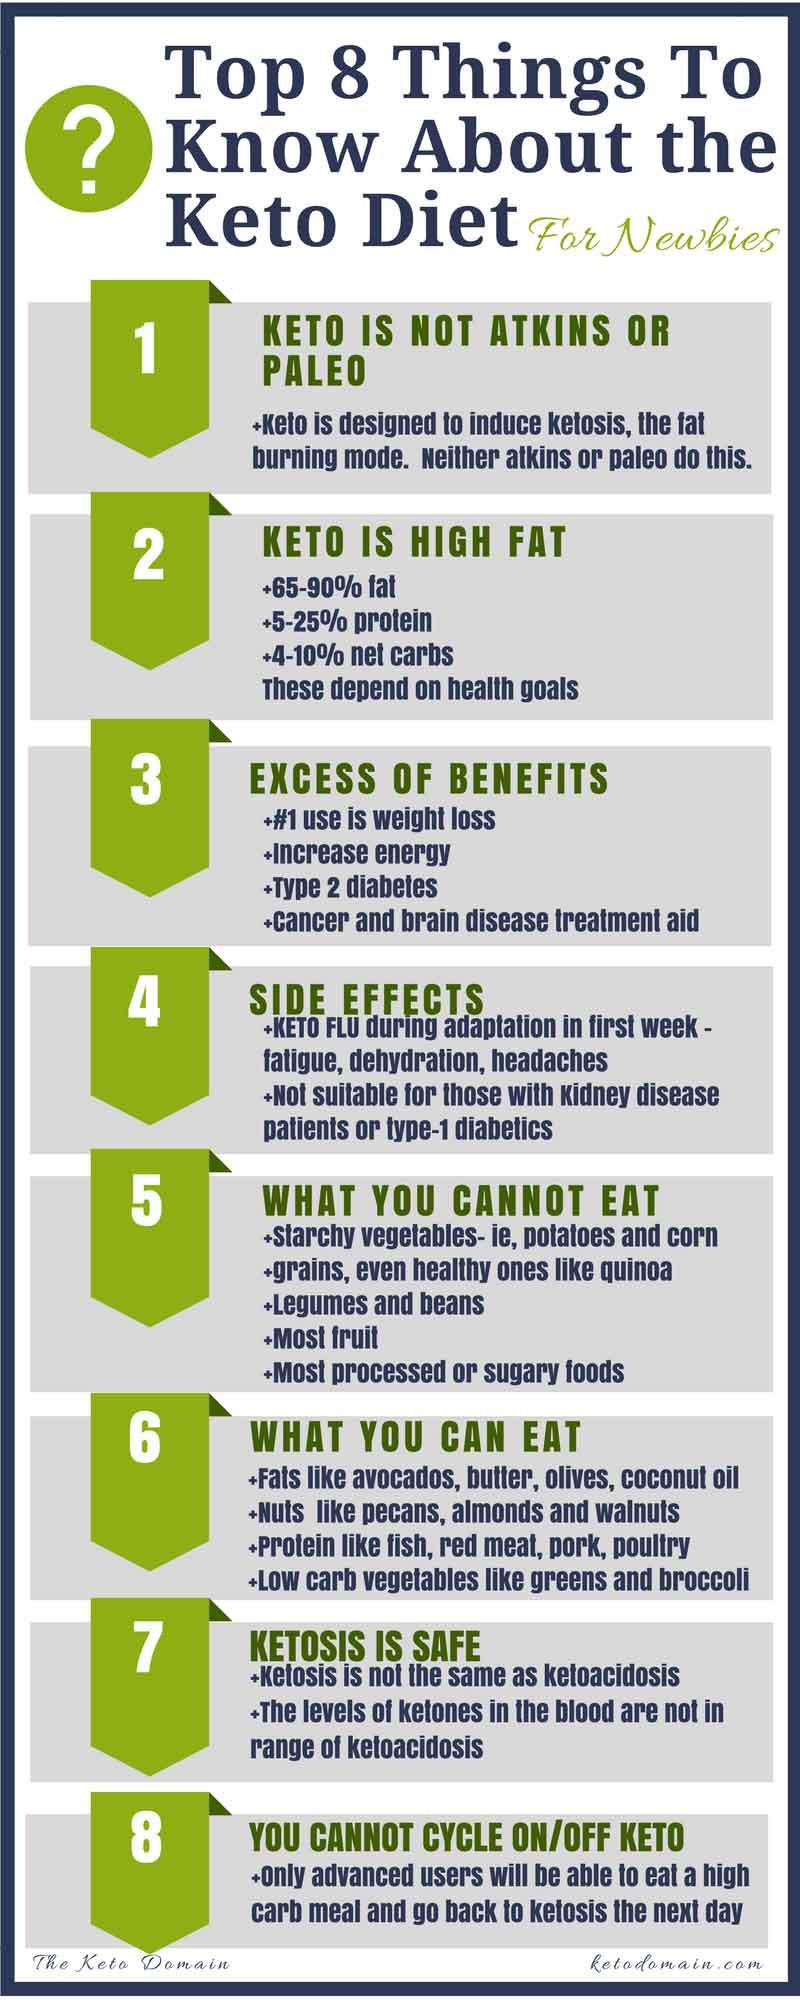 Keto Diet For Beginners Week 1 Meal Plan Easy  plete Beginner s Guide to Ketogenic Diet